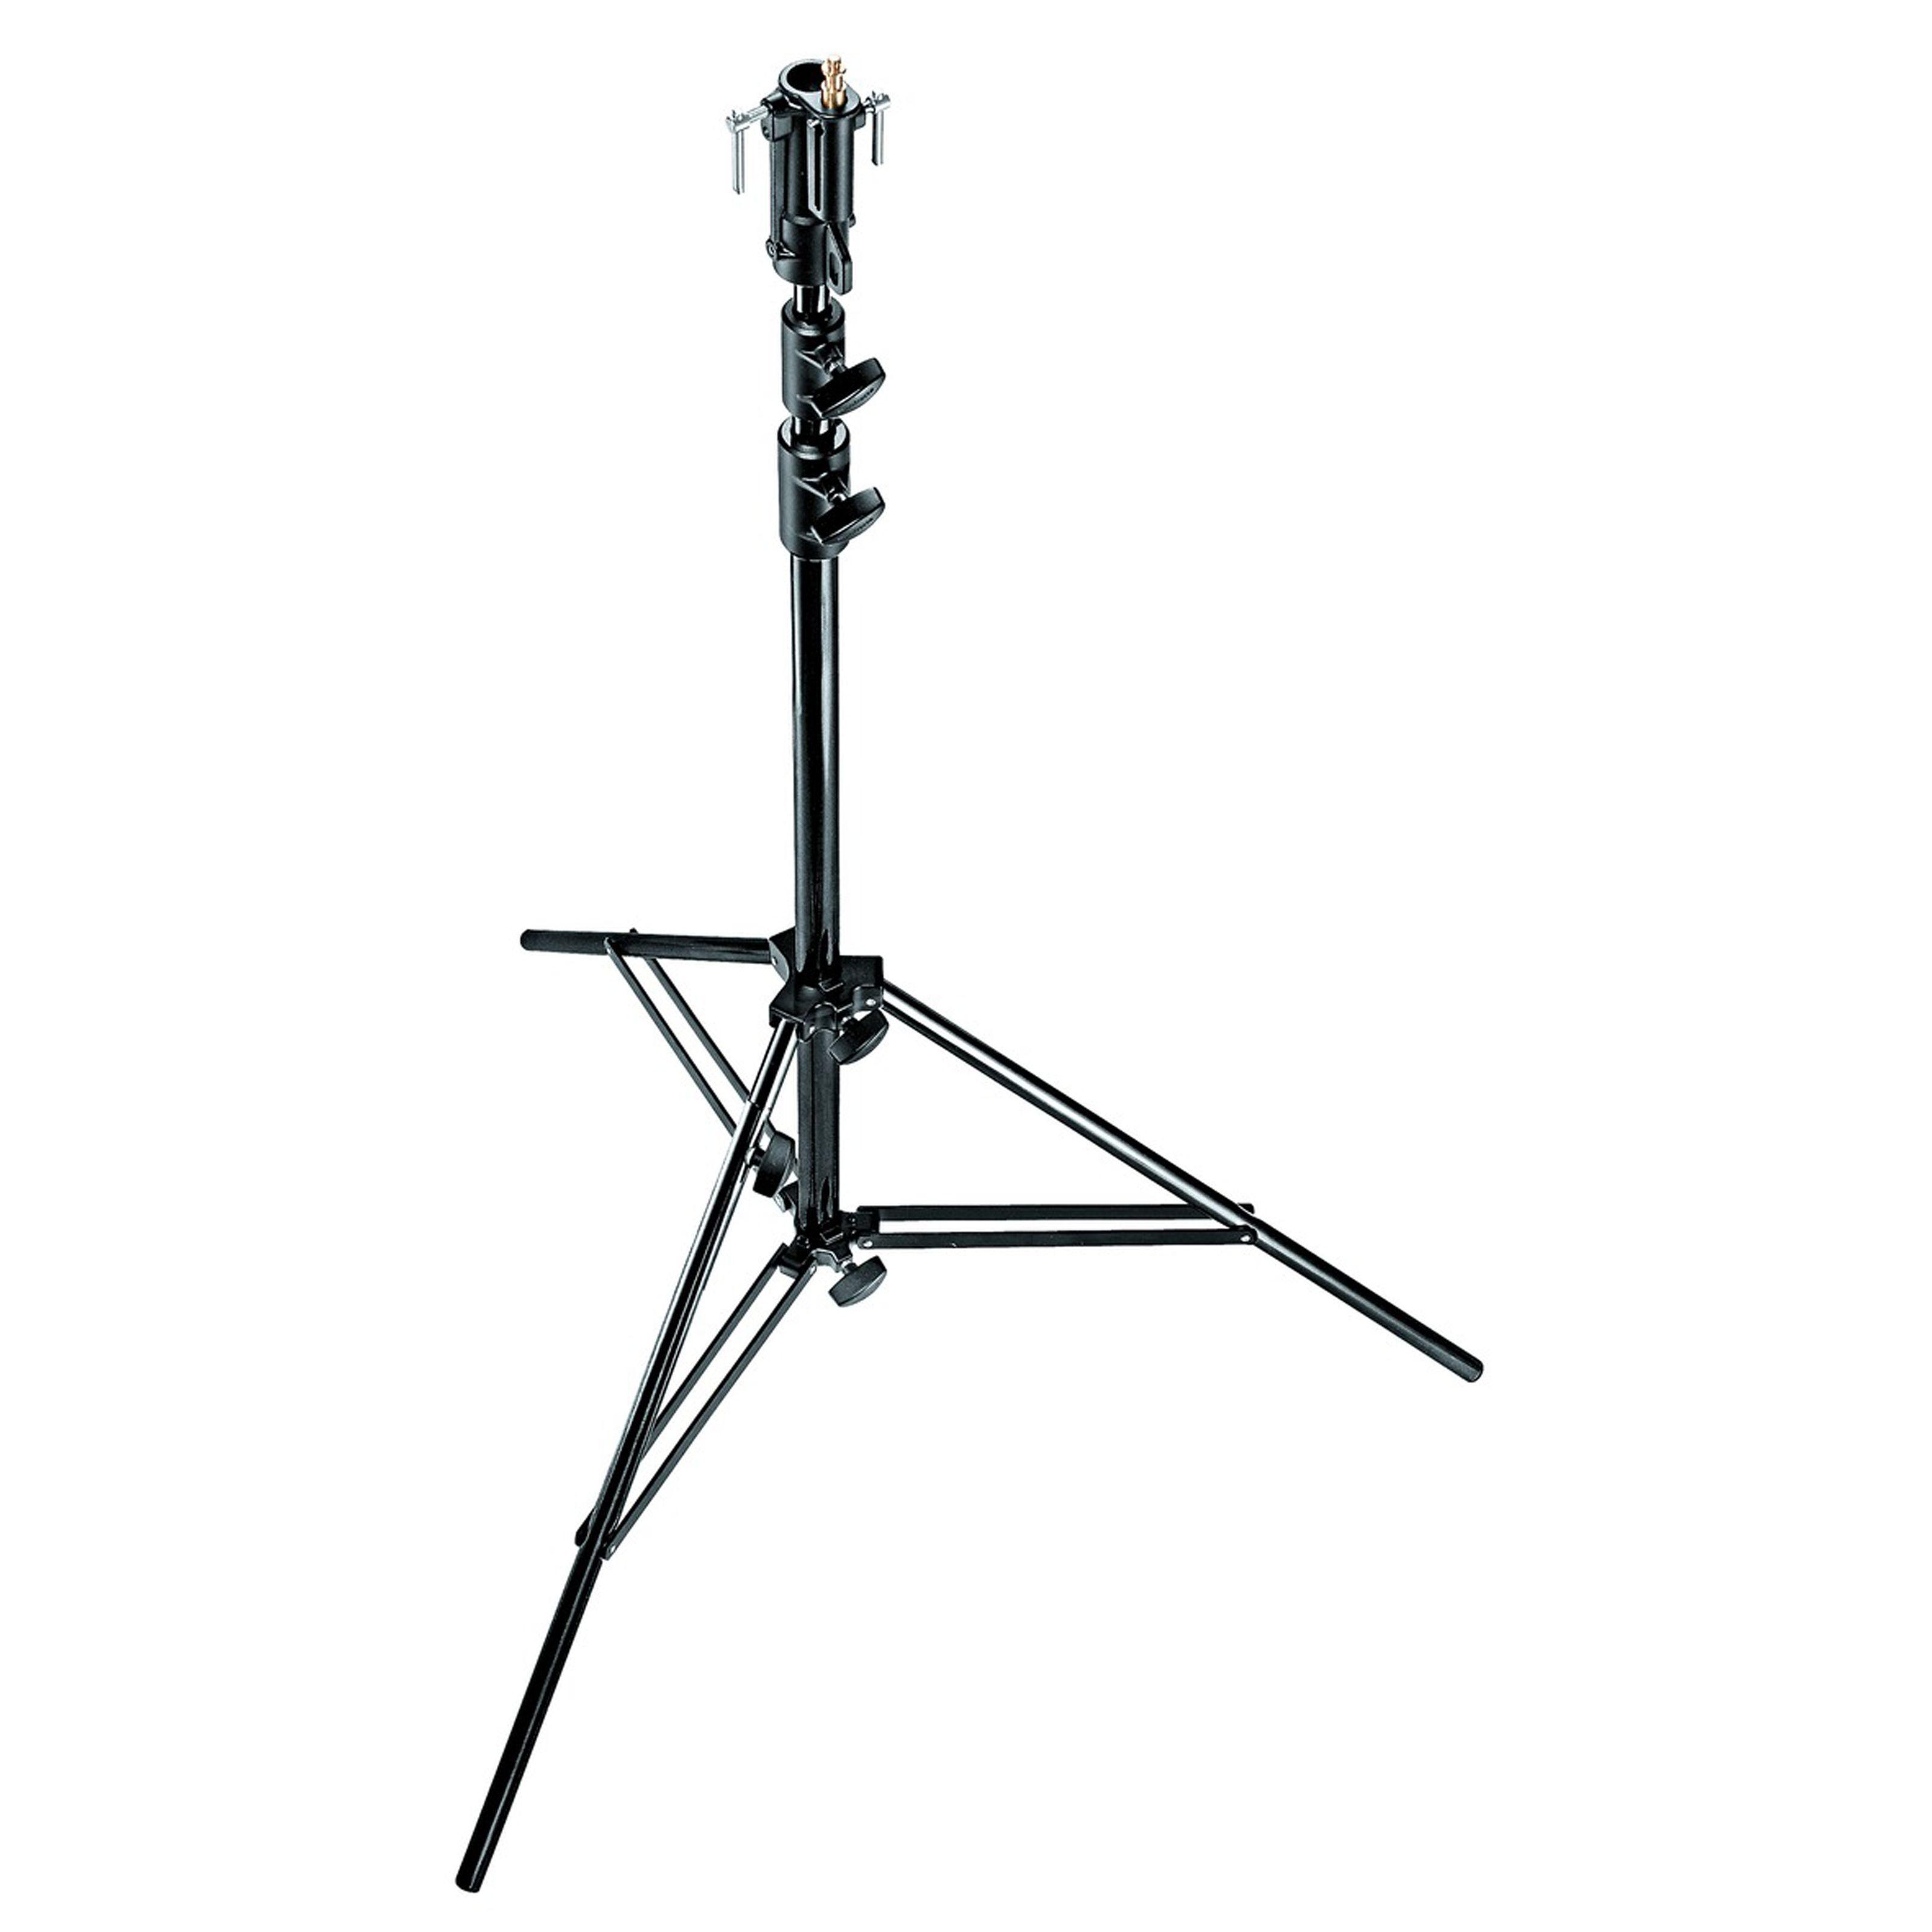 Manfrotto 007BSU Senior Stand, 20 kg 325 cm, 3 secciones, 2 elevadores